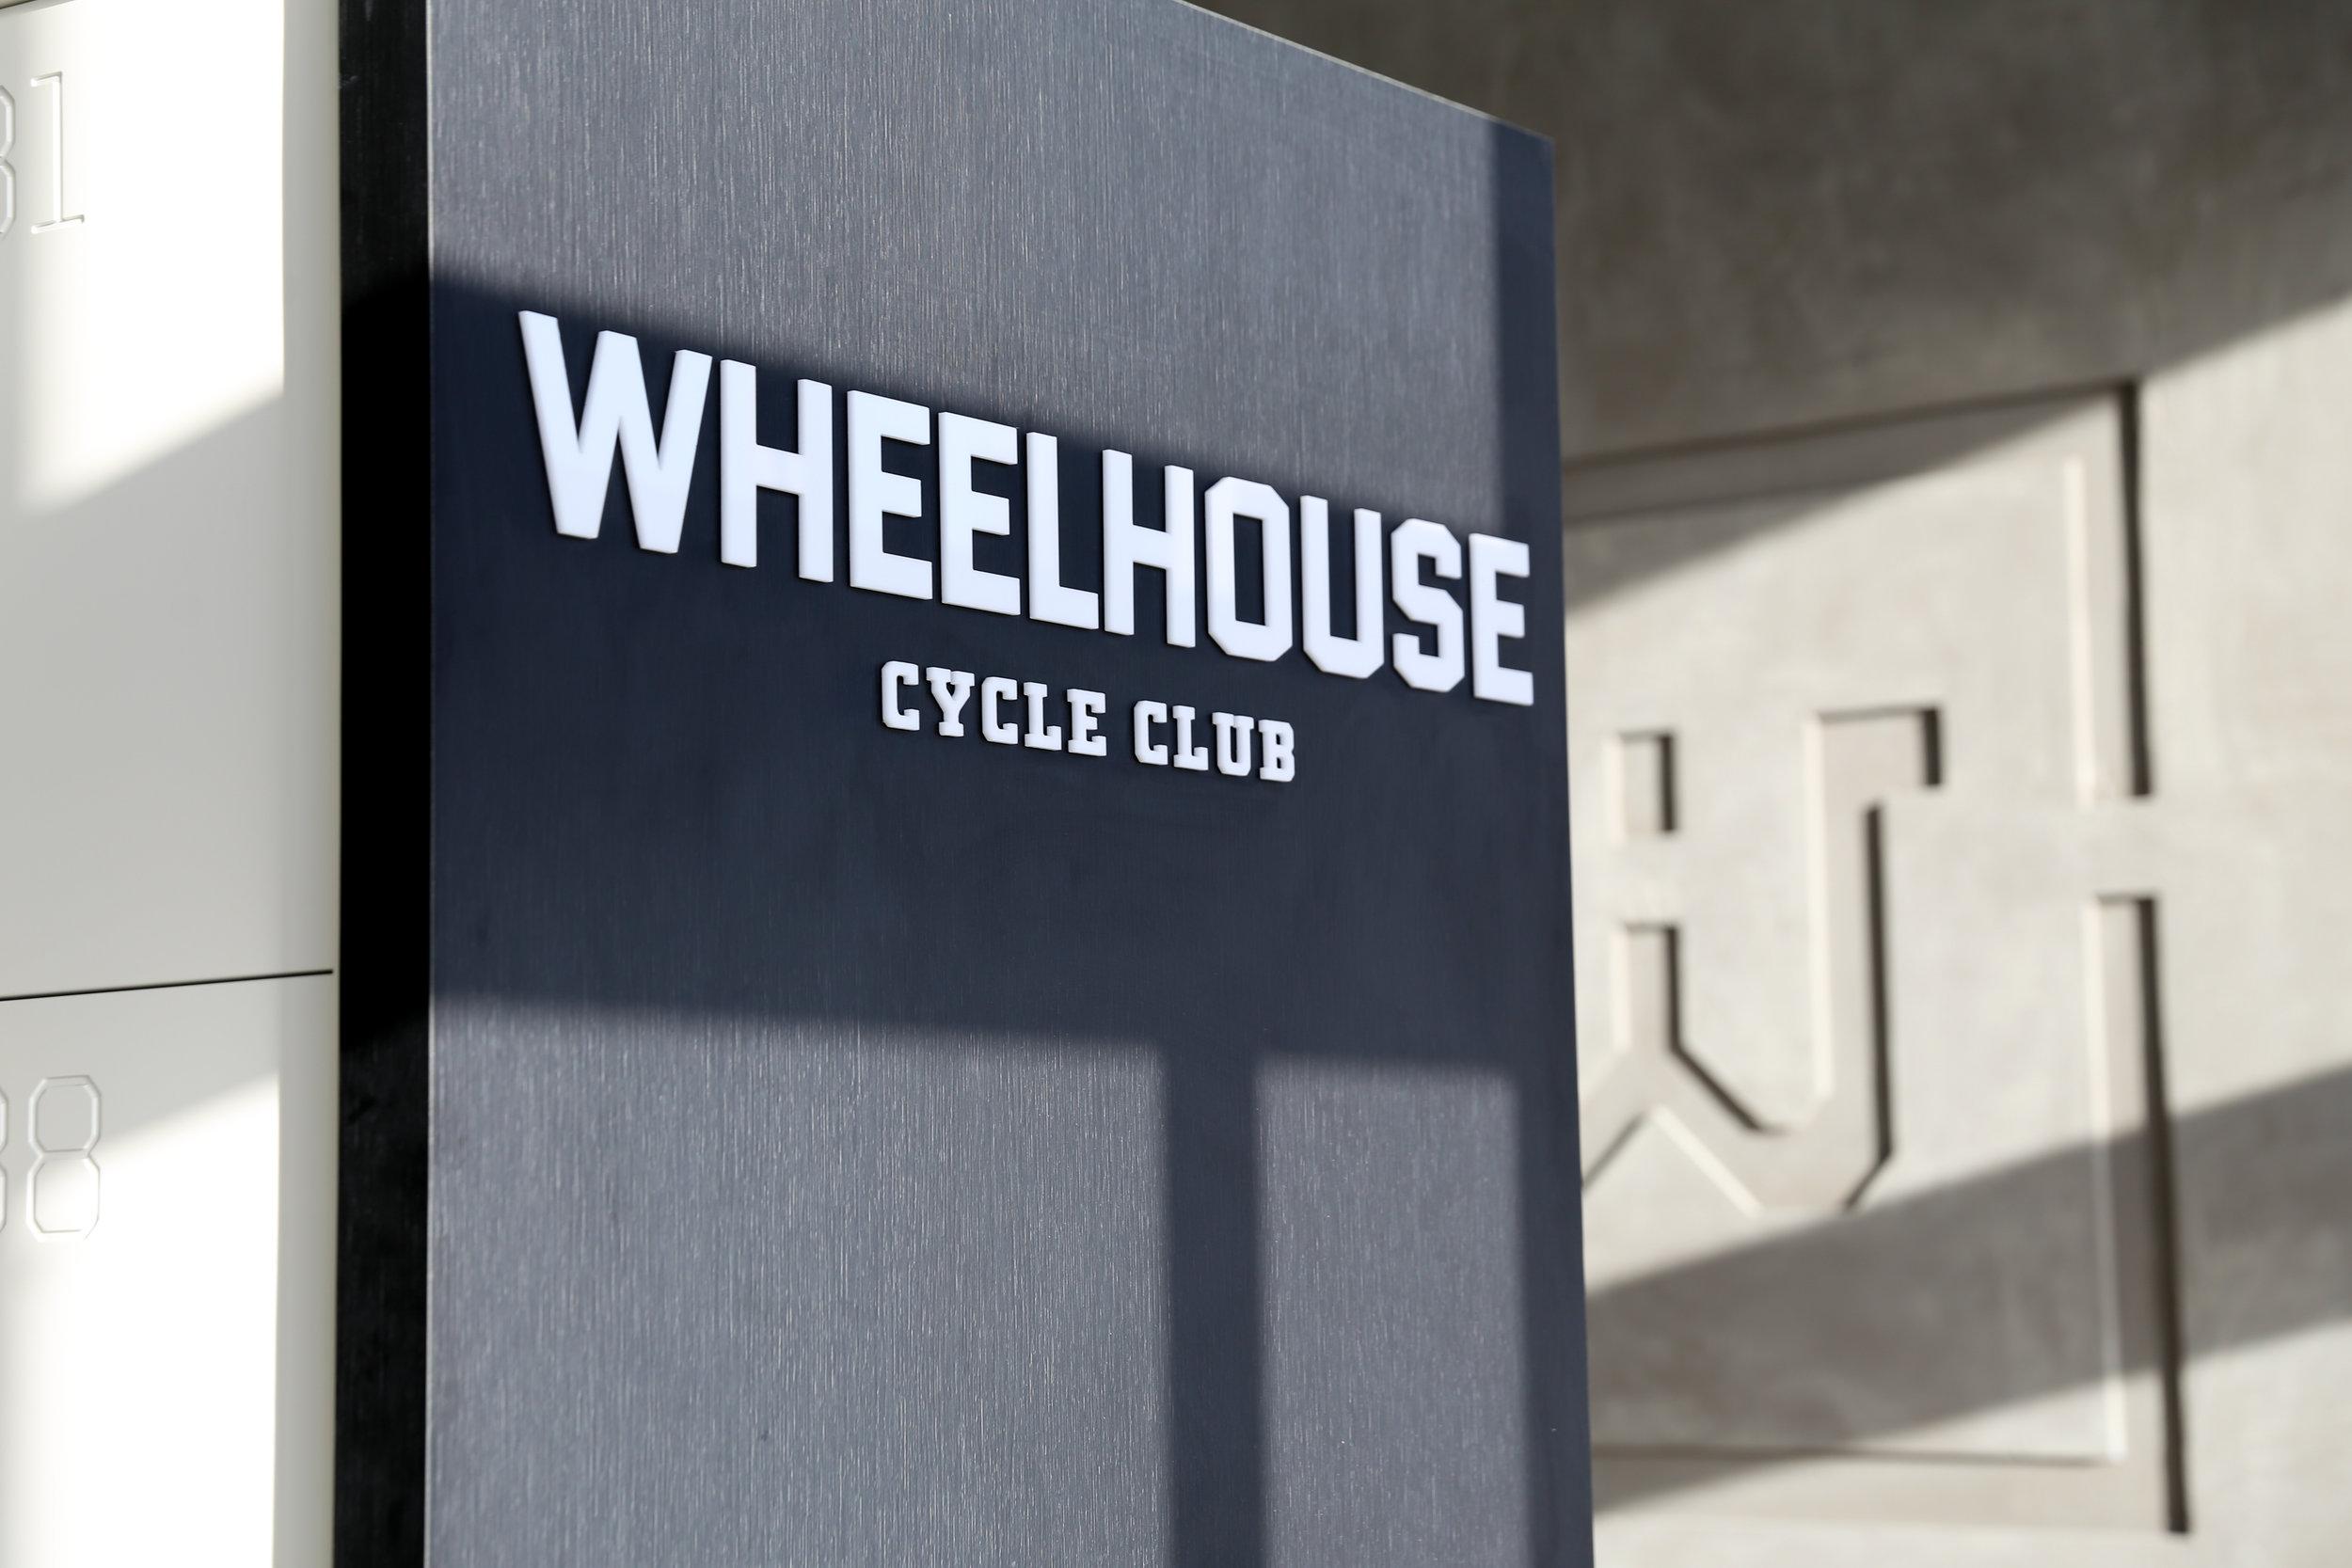 wheelhouse-7466.jpg